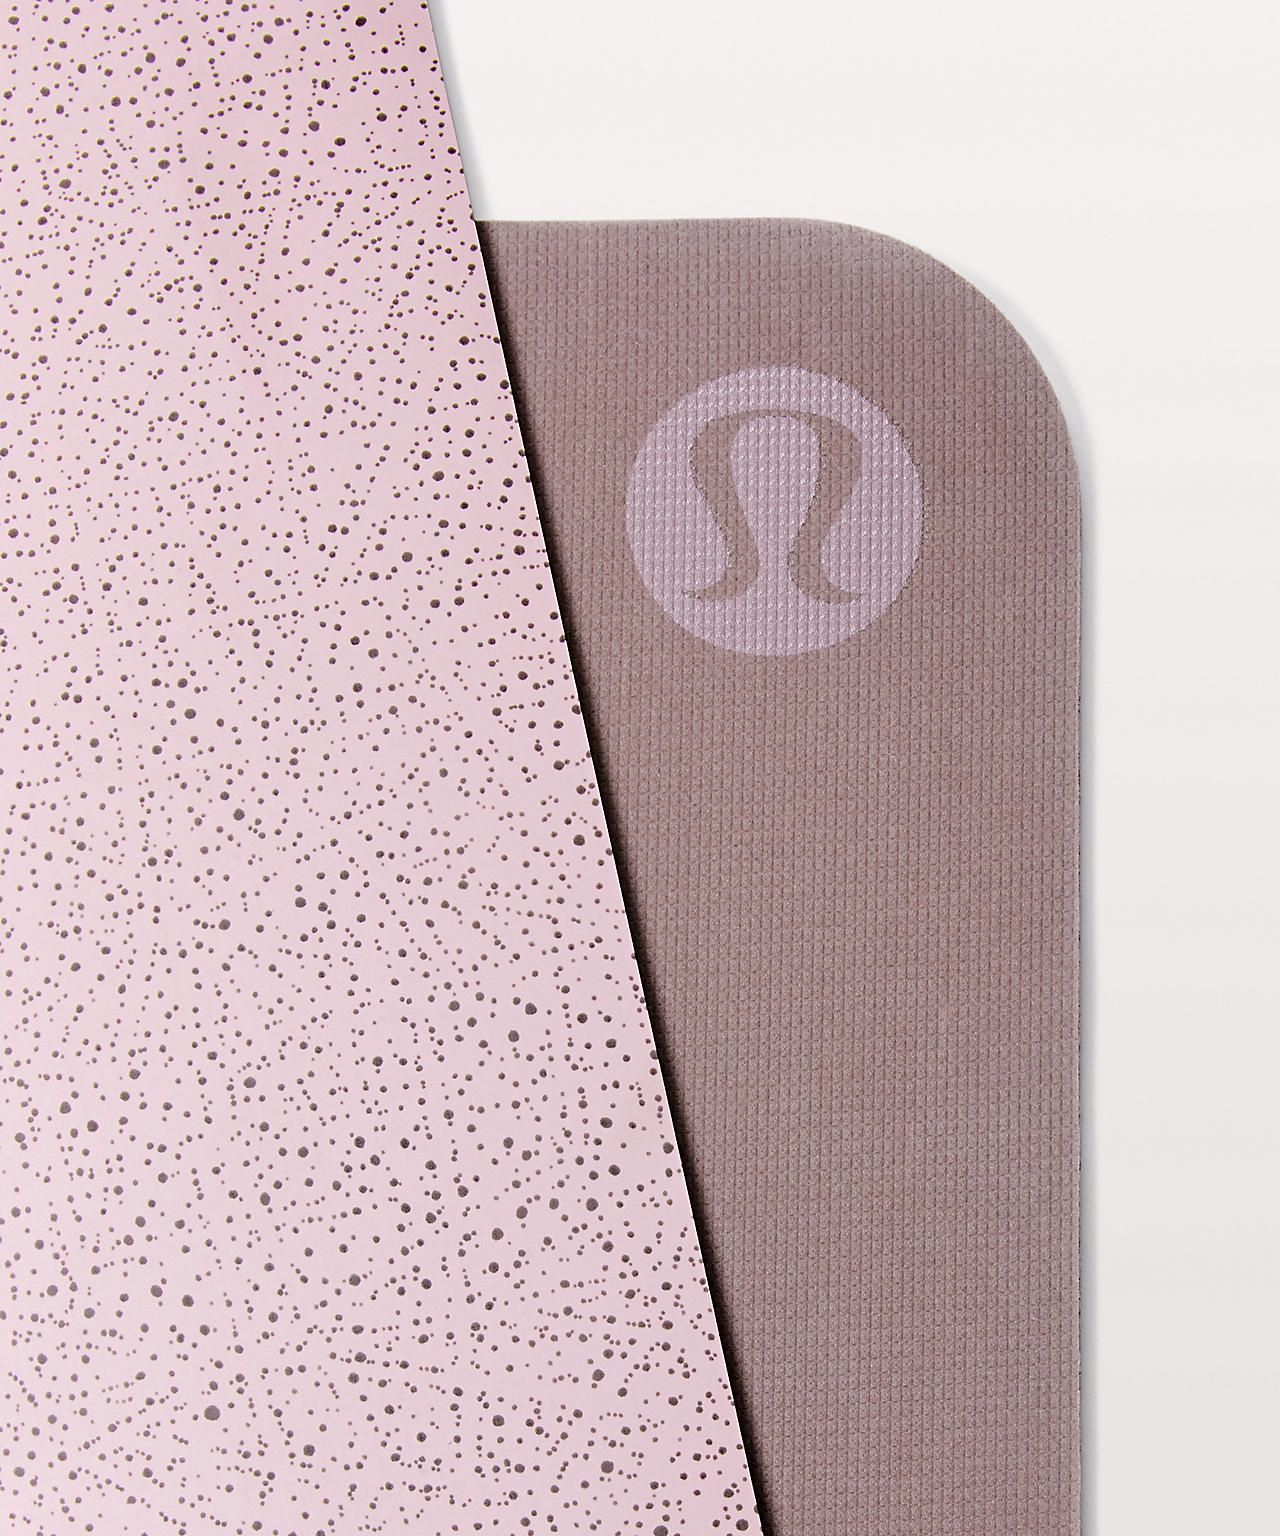 The Reversible Mat 5mm Women S Yoga Mats Lululemon Lululemon Yoga Mat Lululemon Mat Lululemon